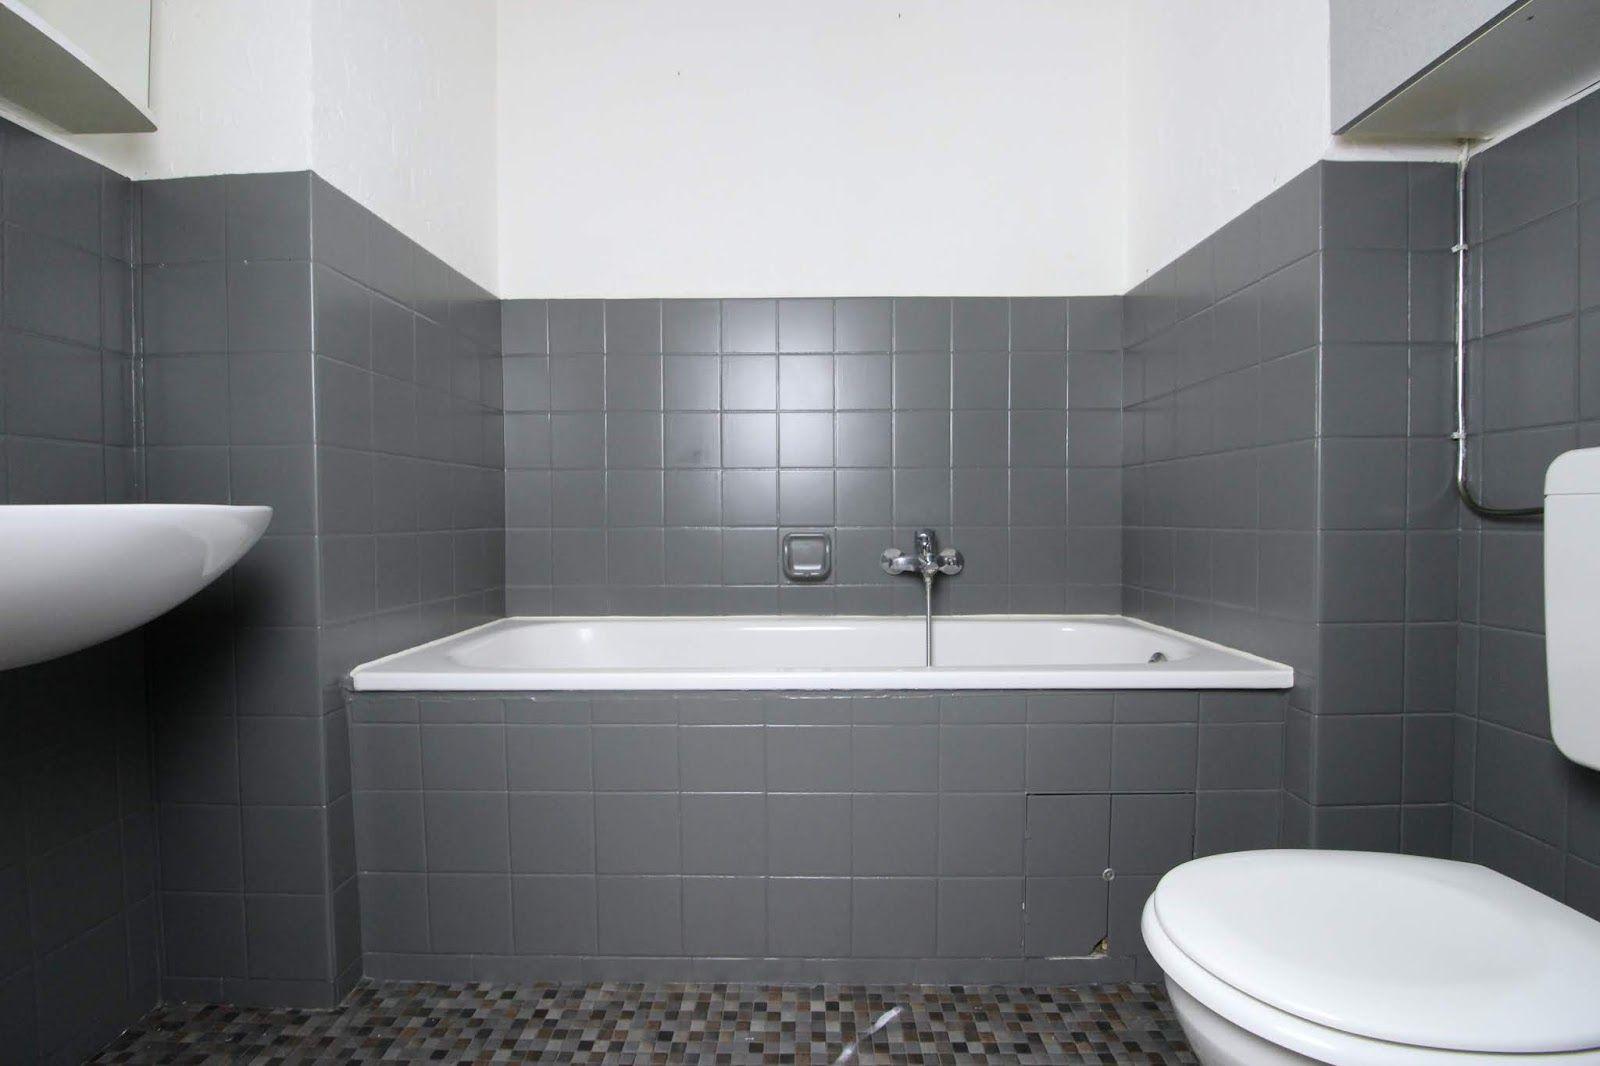 Diy Badezimmer Make Over Einfaches Recylcing Mit Der Schoner Wohnen Pep Up Renovierfarb Badezimmer Im Erdgeschoss Badezimmer Renovieren Badezimmer Streichen